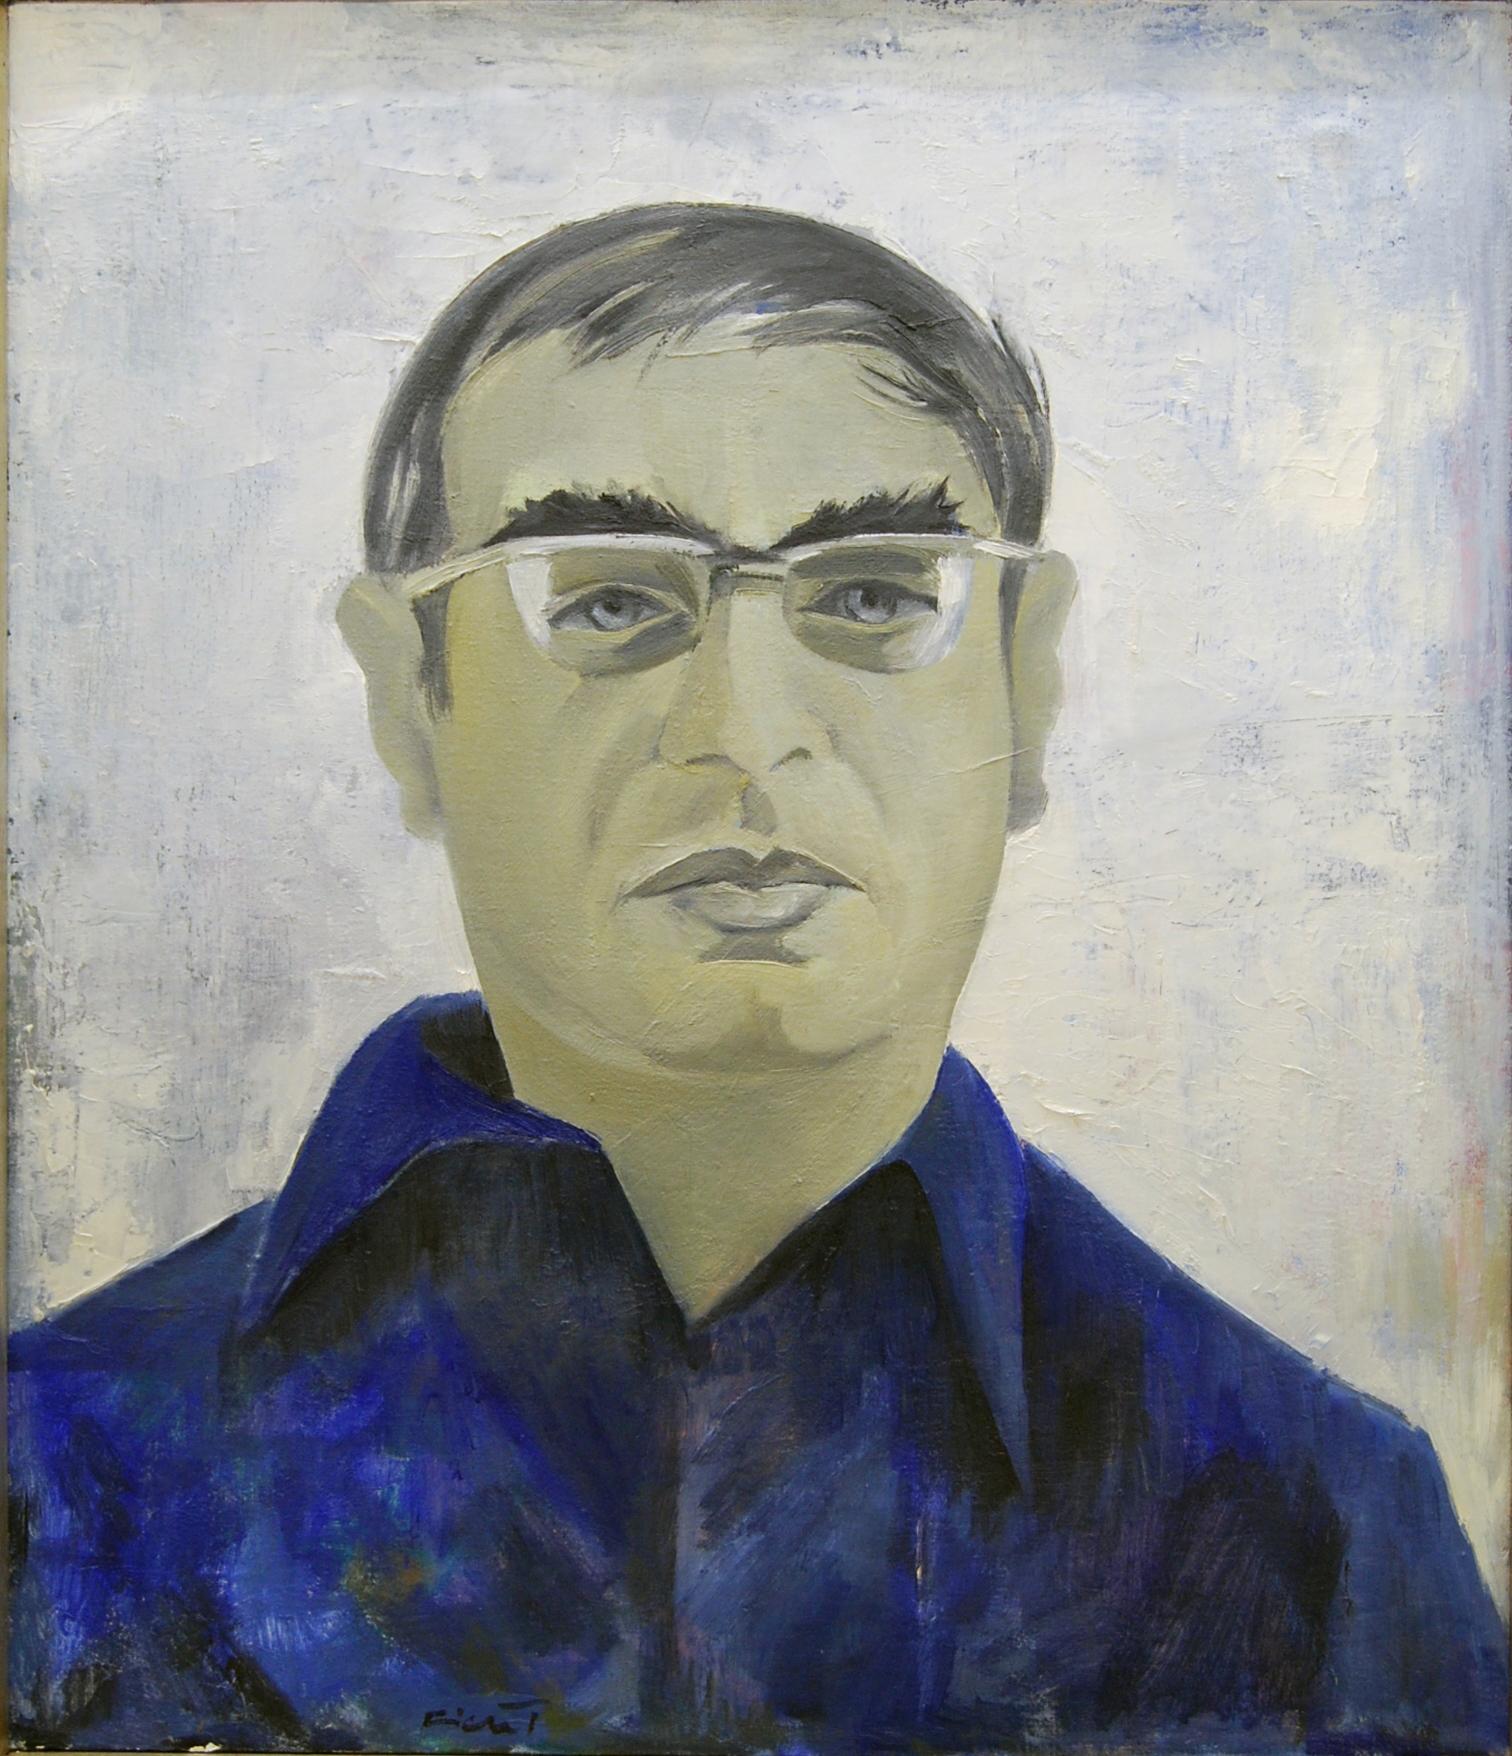 André Ficus, Porträt des Schriftstellers Martin Walser, 1968, Öl auf Leinwand, 70 x 61 cm. © Nachlass André Ficus, Frieder und Petra Gros. - Friedrichshafen